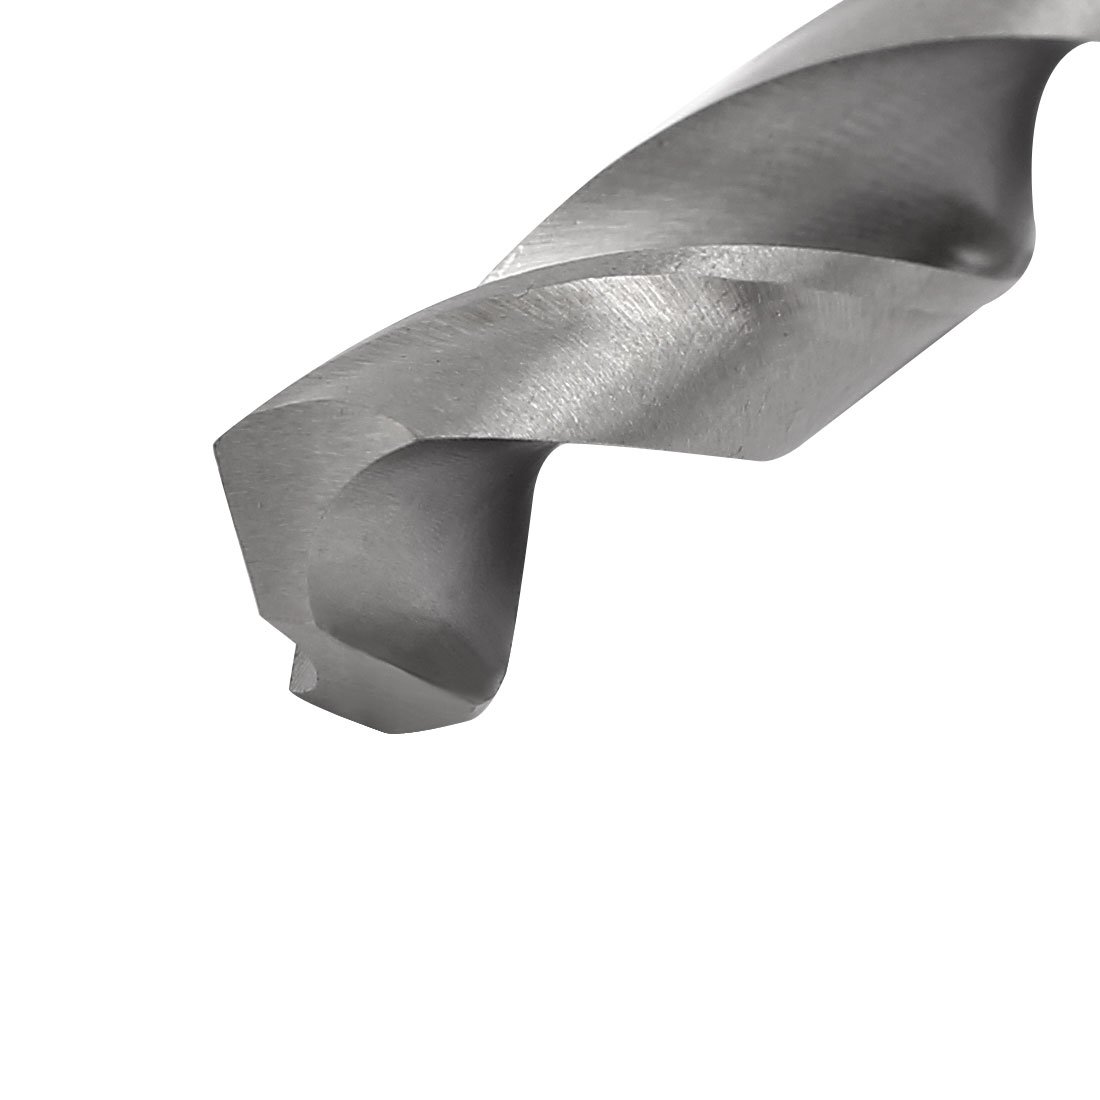 uxcell 6.9mm Dia 110mm Long HSS Straight Round Shank Twist Drill Bit Drilling Tool 10pcs